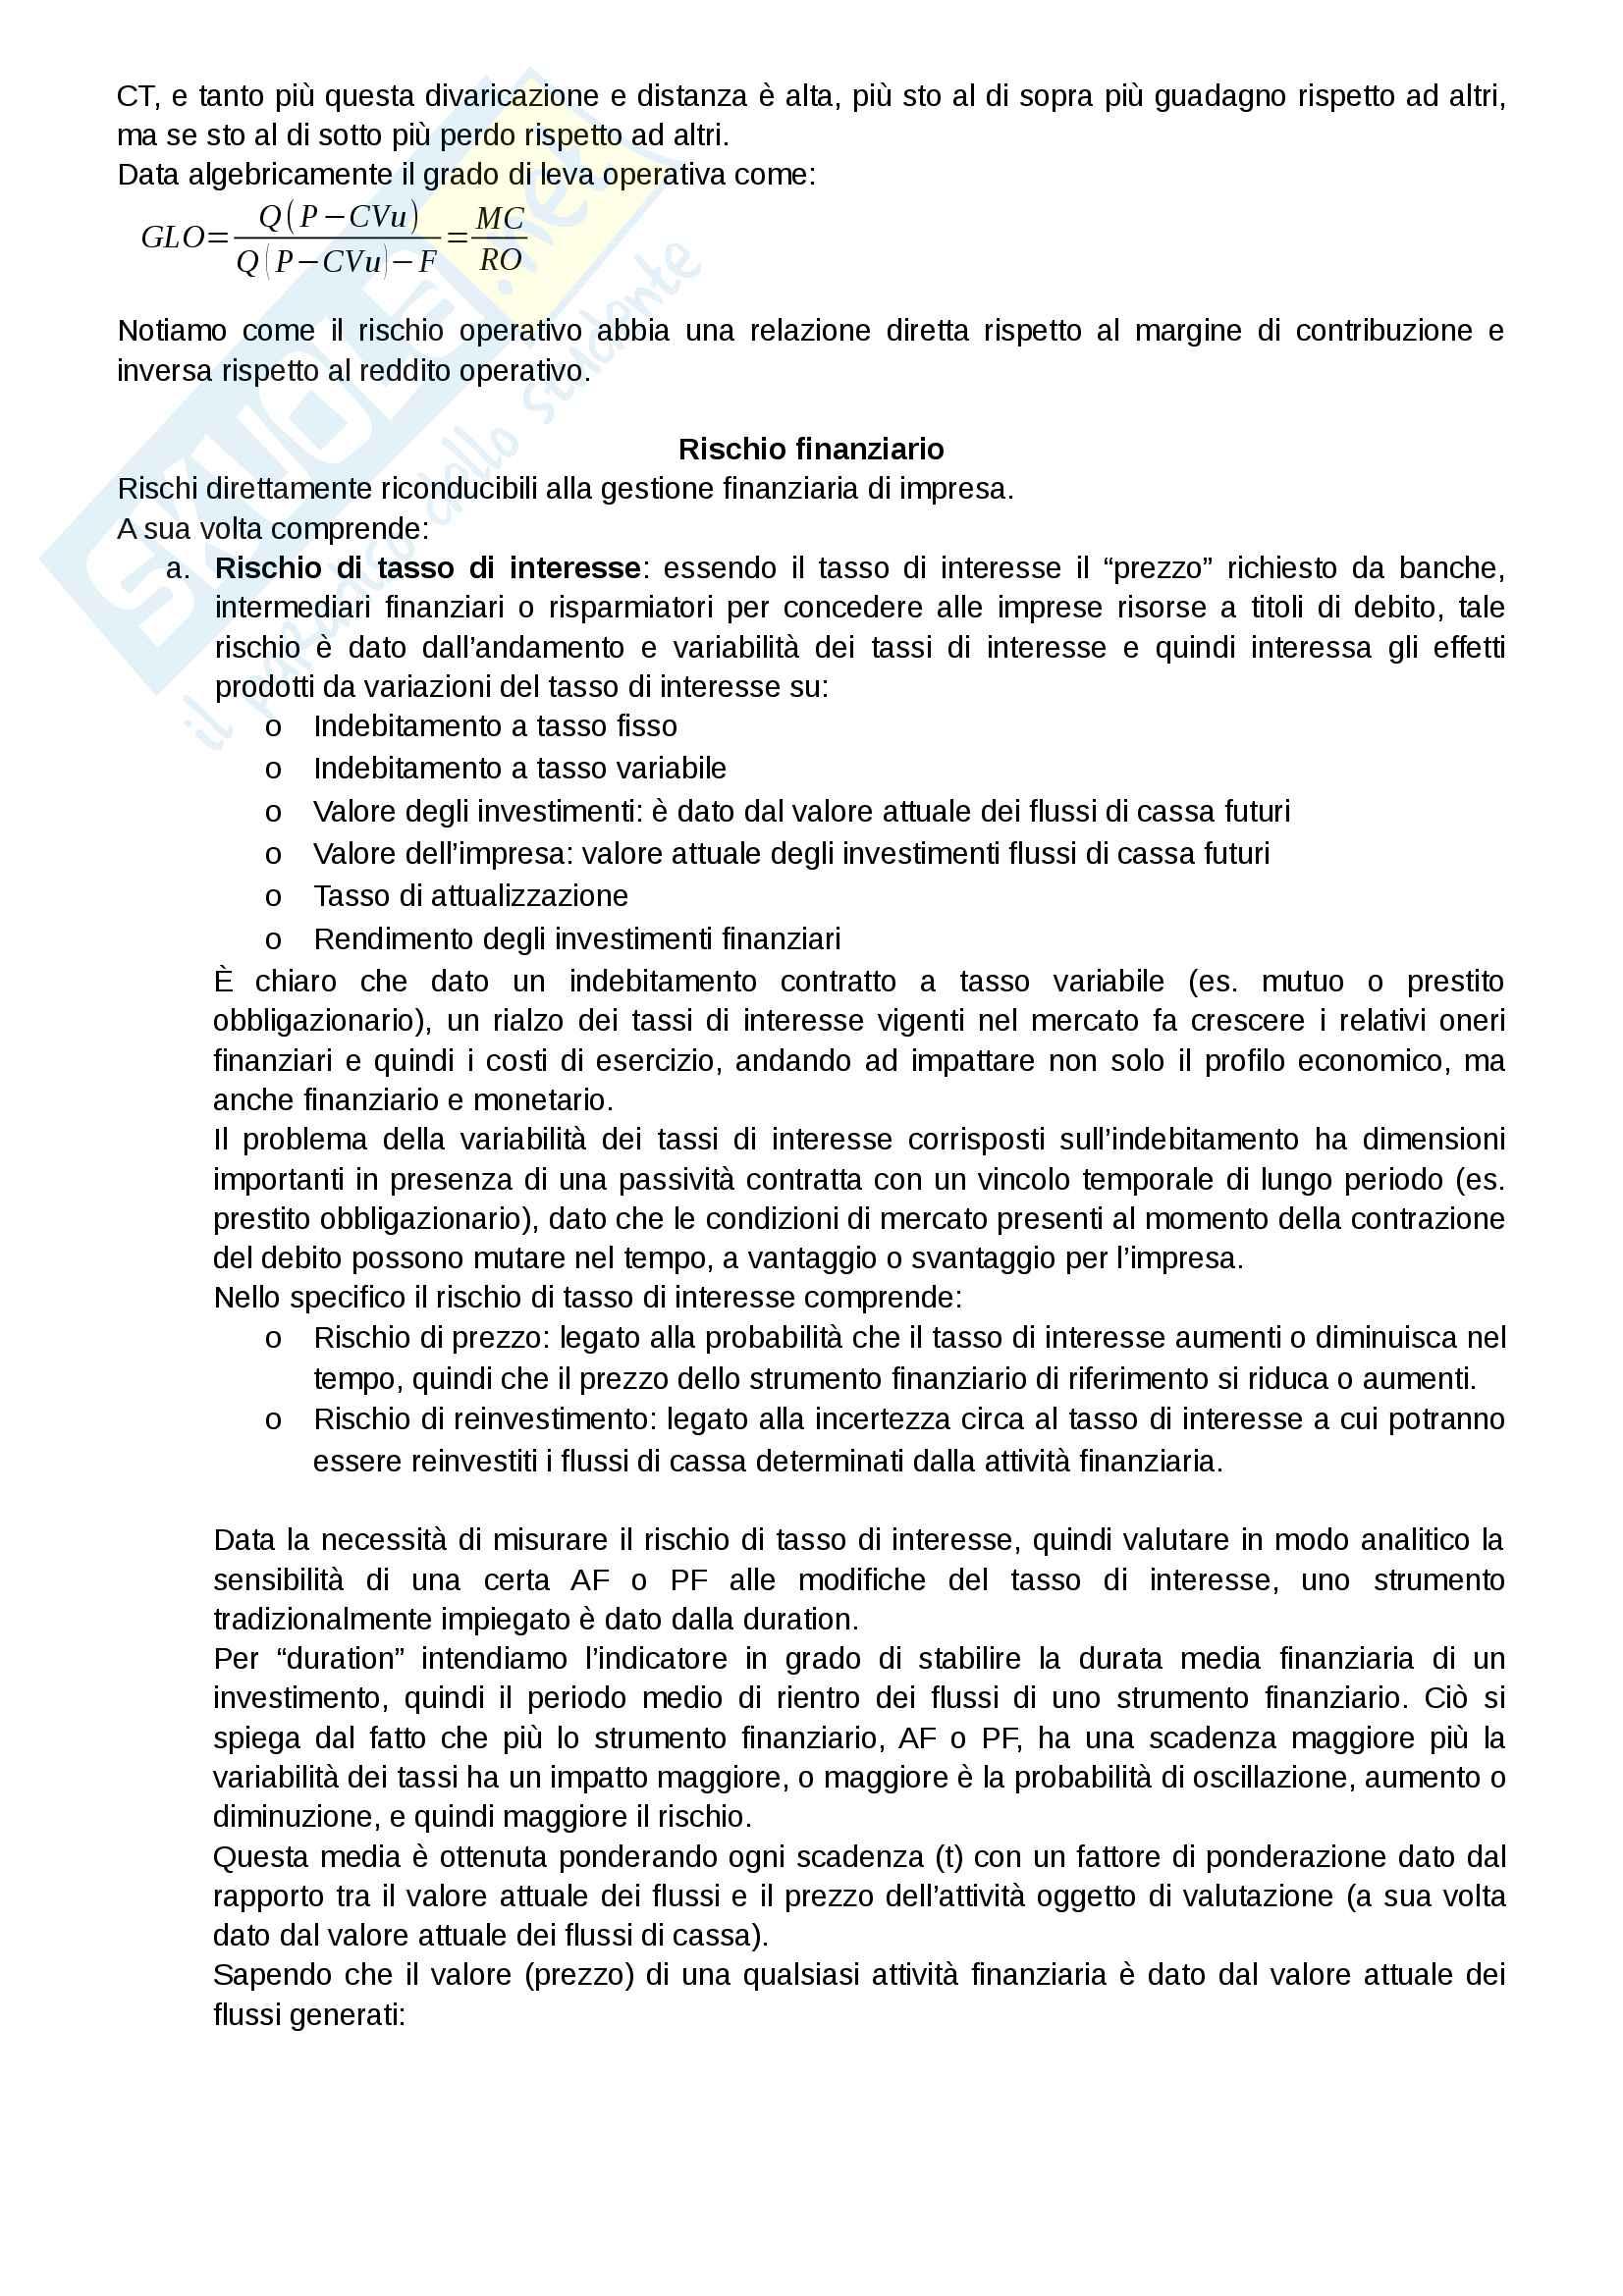 Riassunto esame Finanza aziendale, docente Alberto Manelli, libro consigliato Finanza di impresa di Alberto Manelli Pag. 116